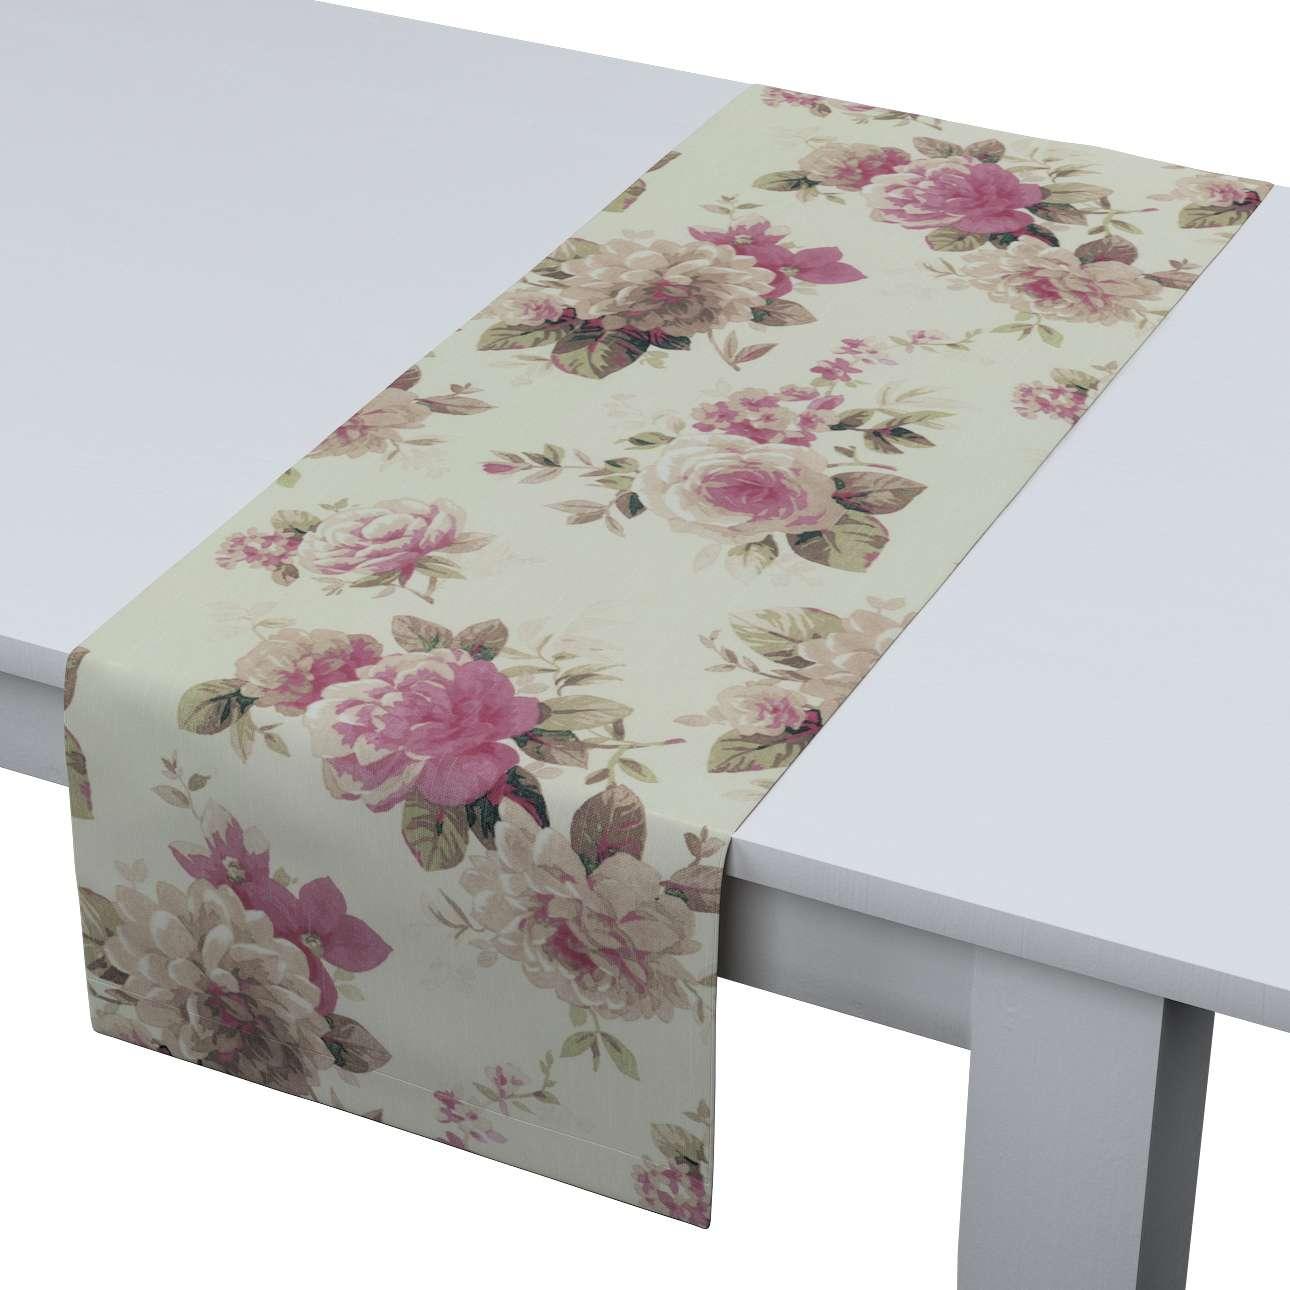 Rechteckiger Tischläufer 40 x 130 cm von der Kollektion Mirella, Stoff: 141-07